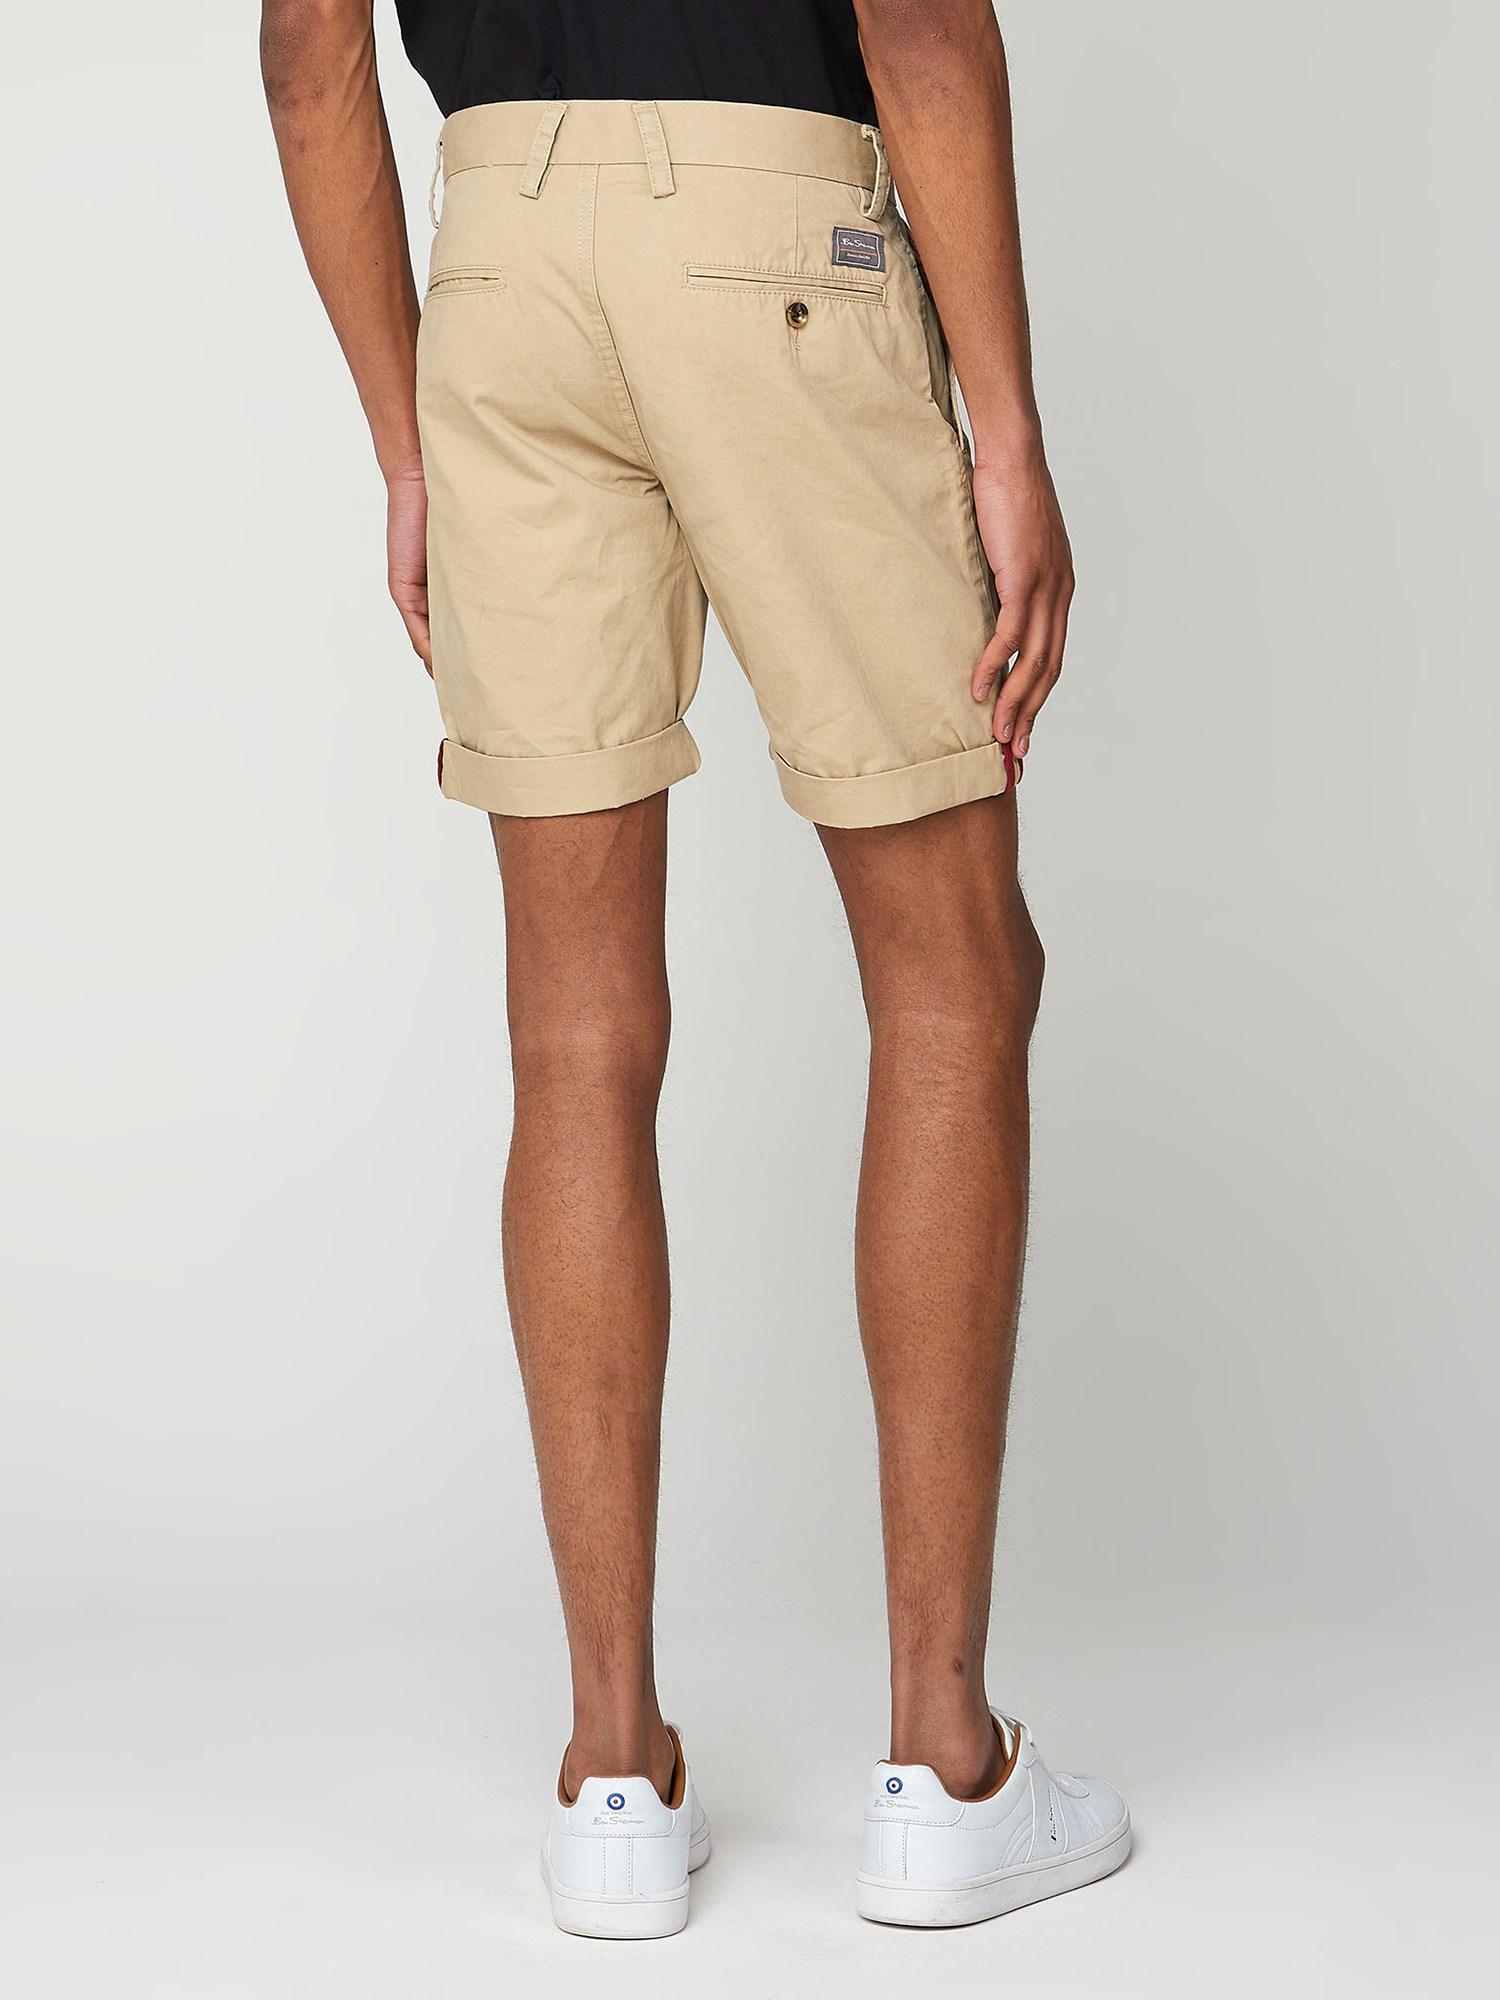 Straight Leg Chino Short